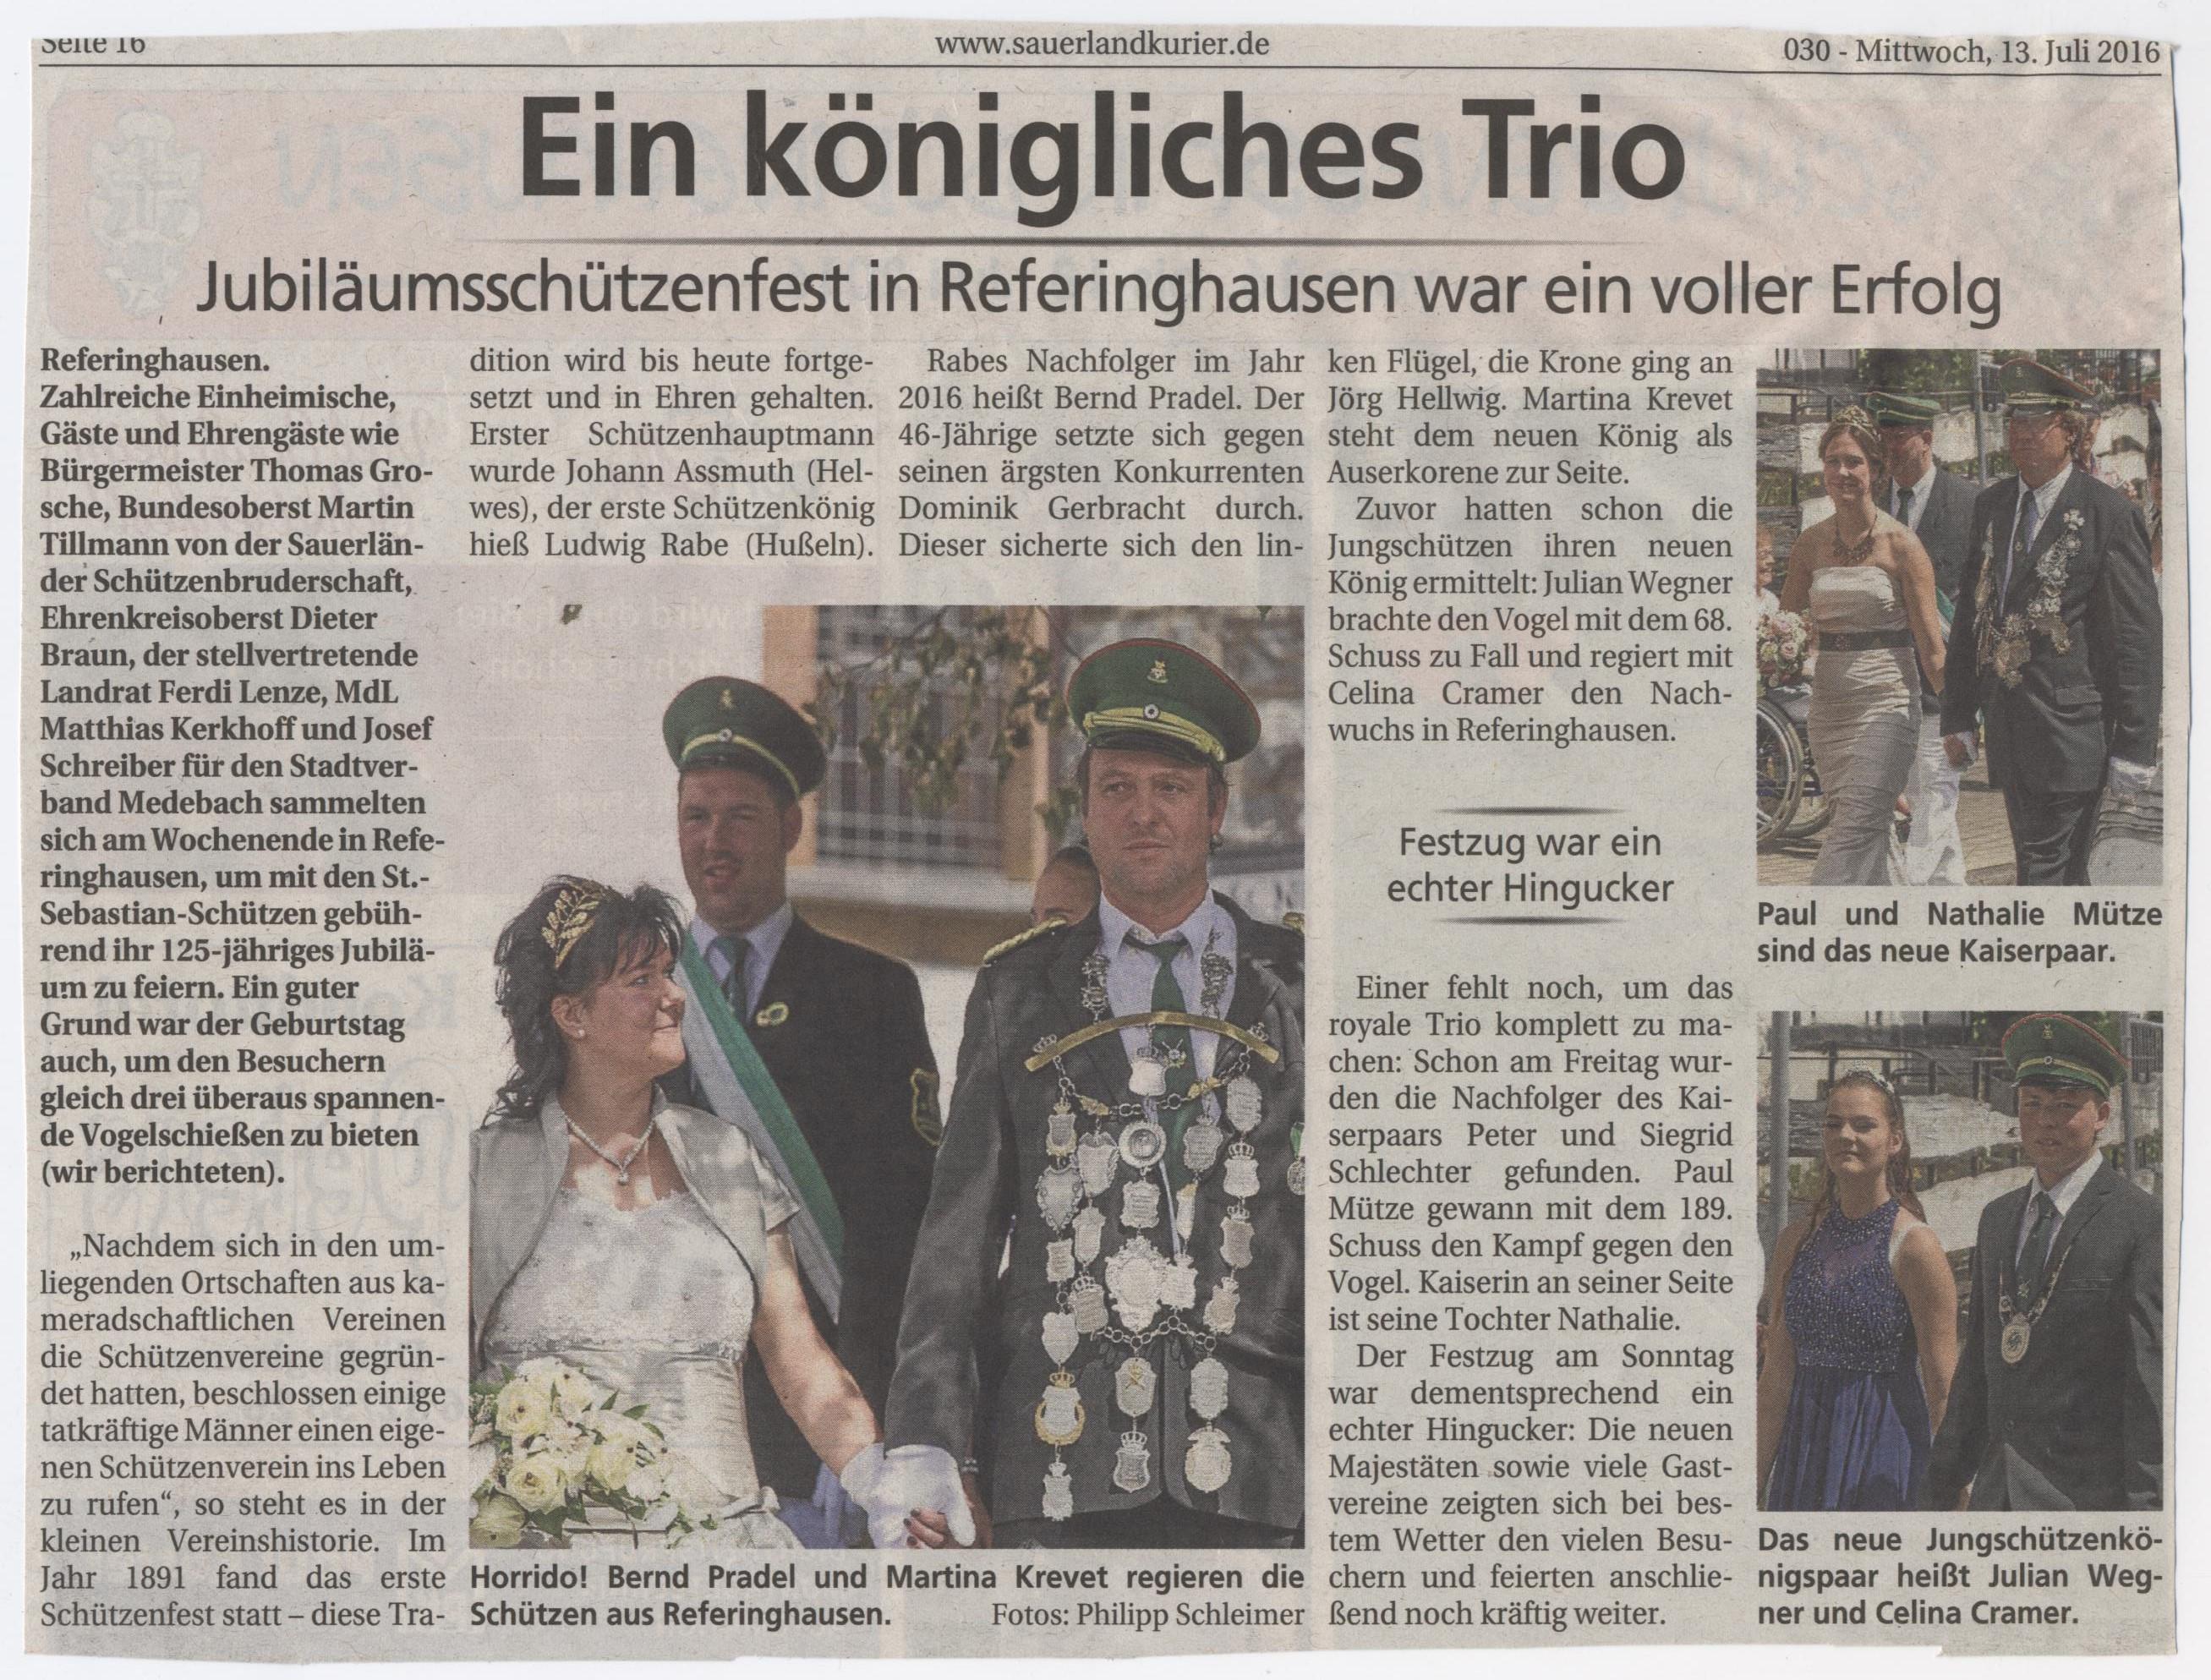 Ein königliches Trio- Jubiläumsschützenfest